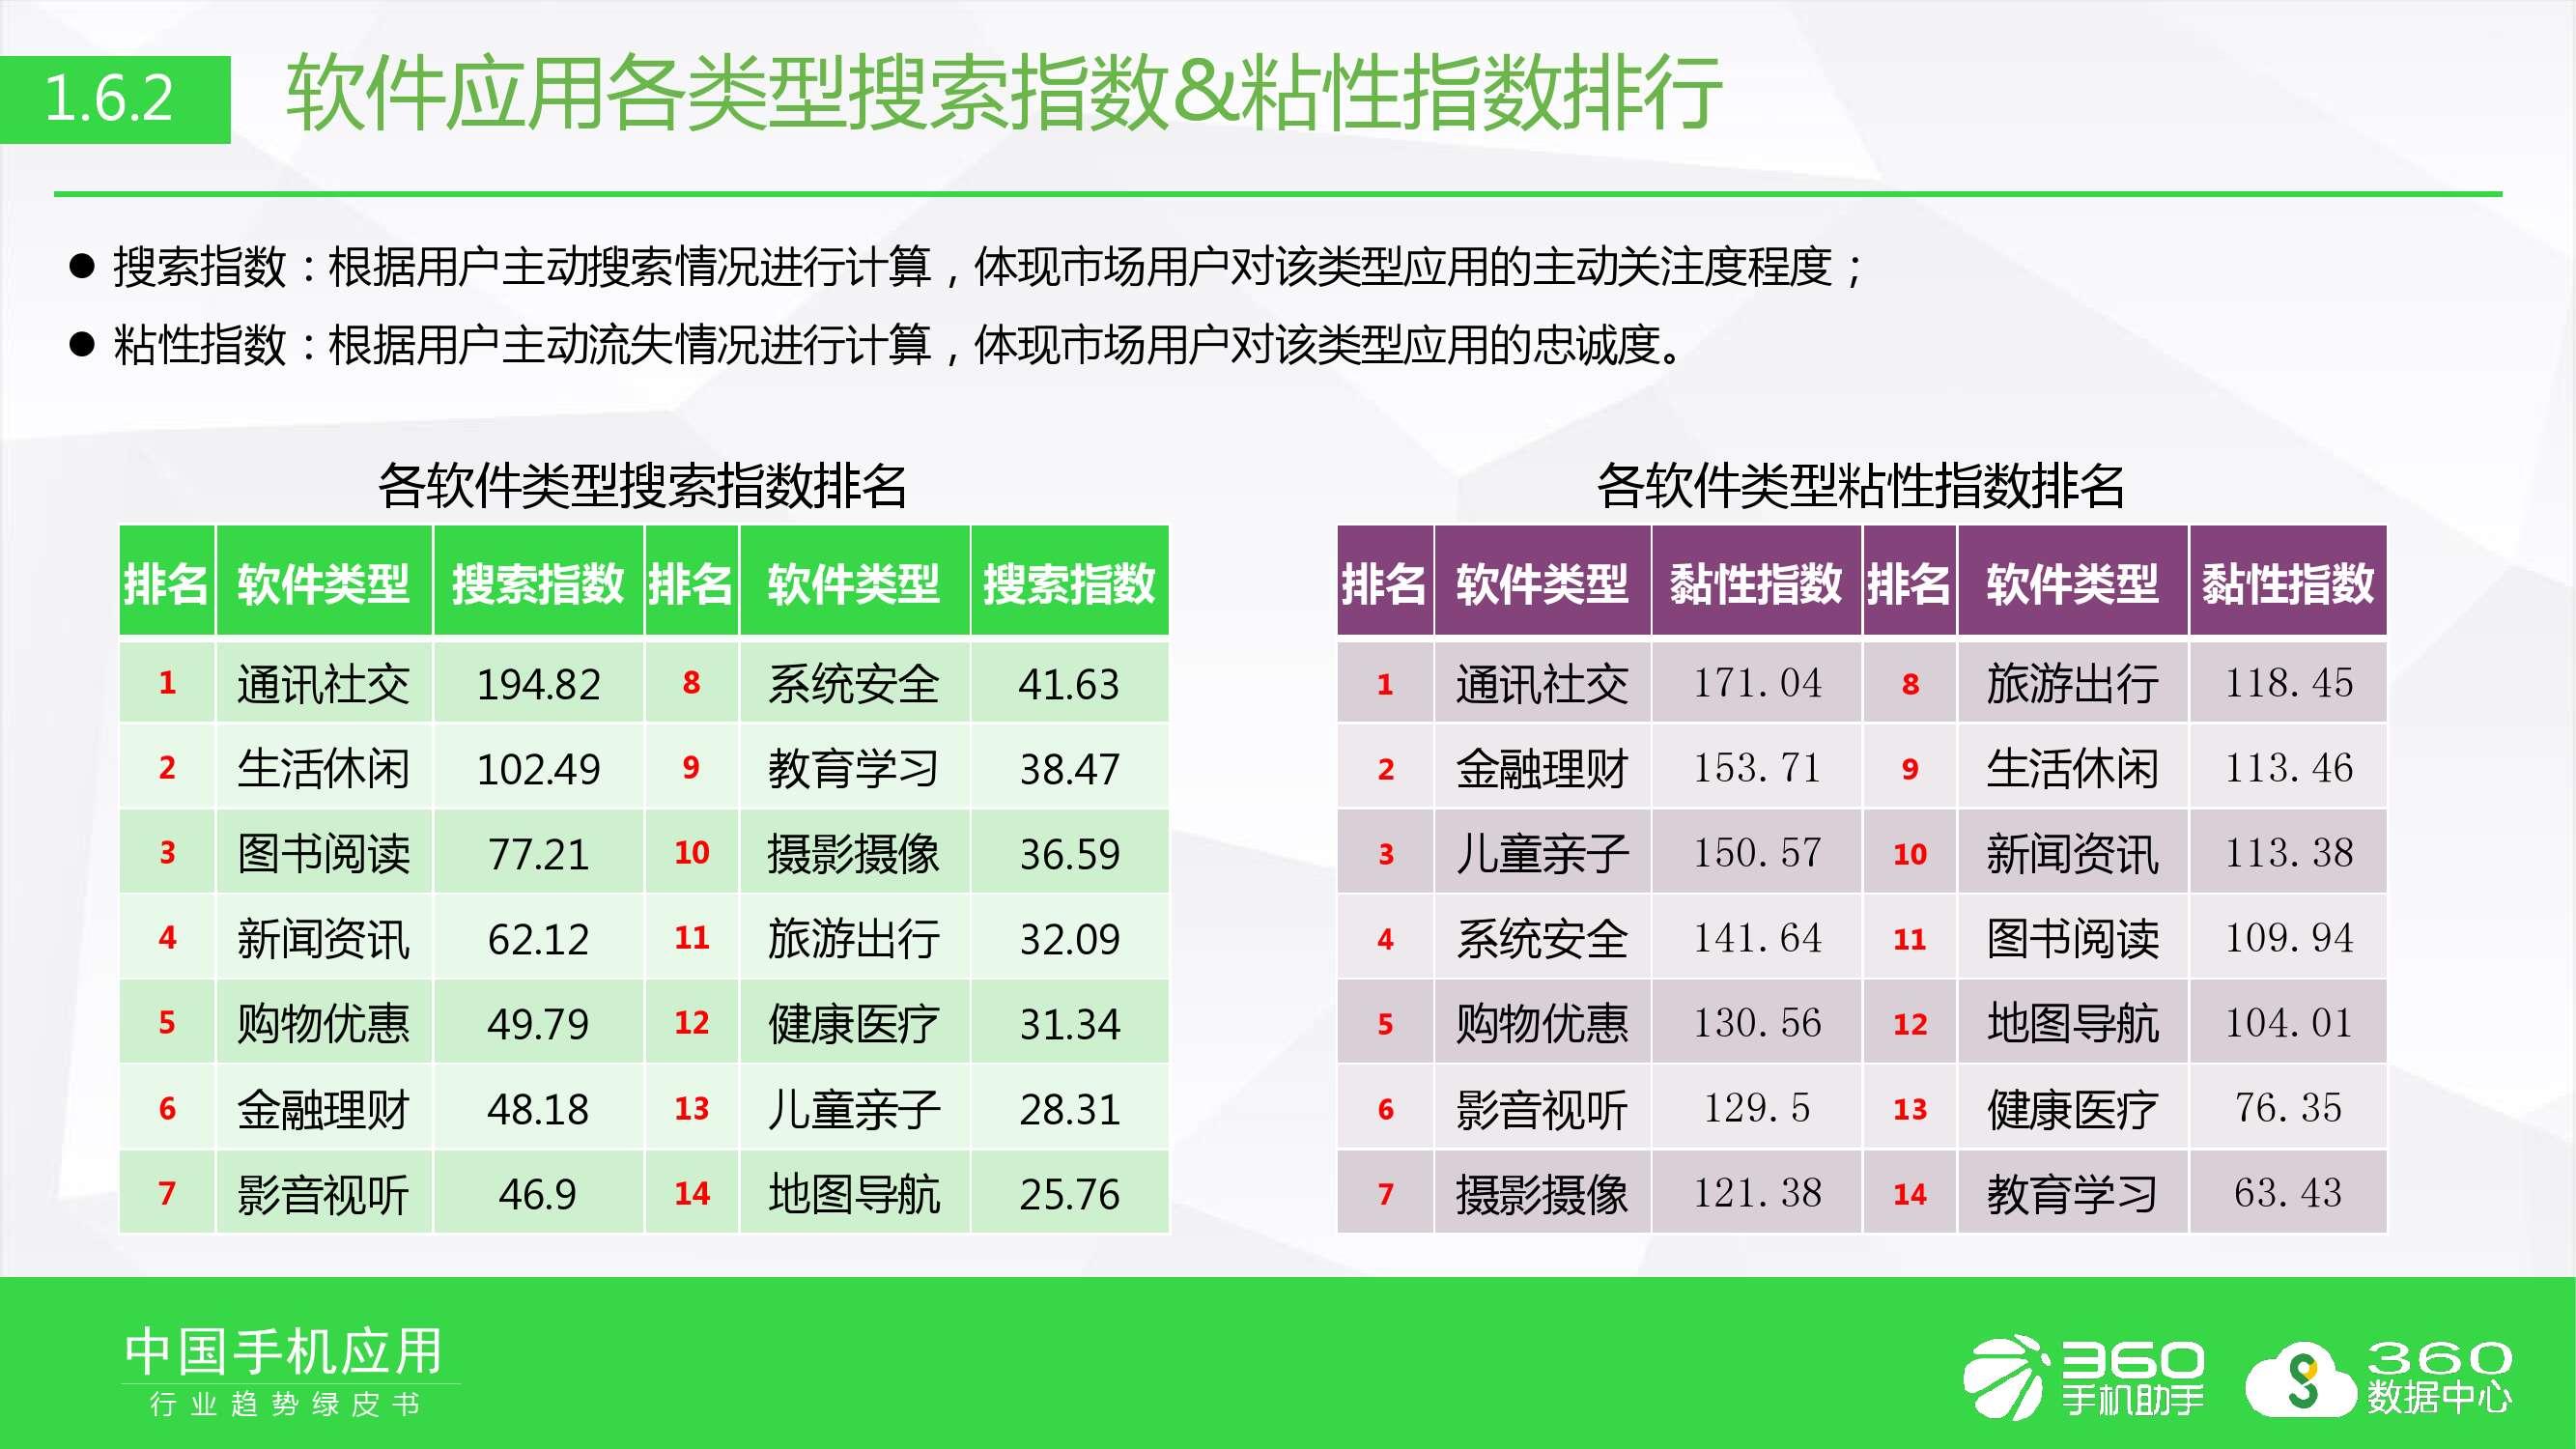 2016年手机软件行业趋势绿皮书_000013